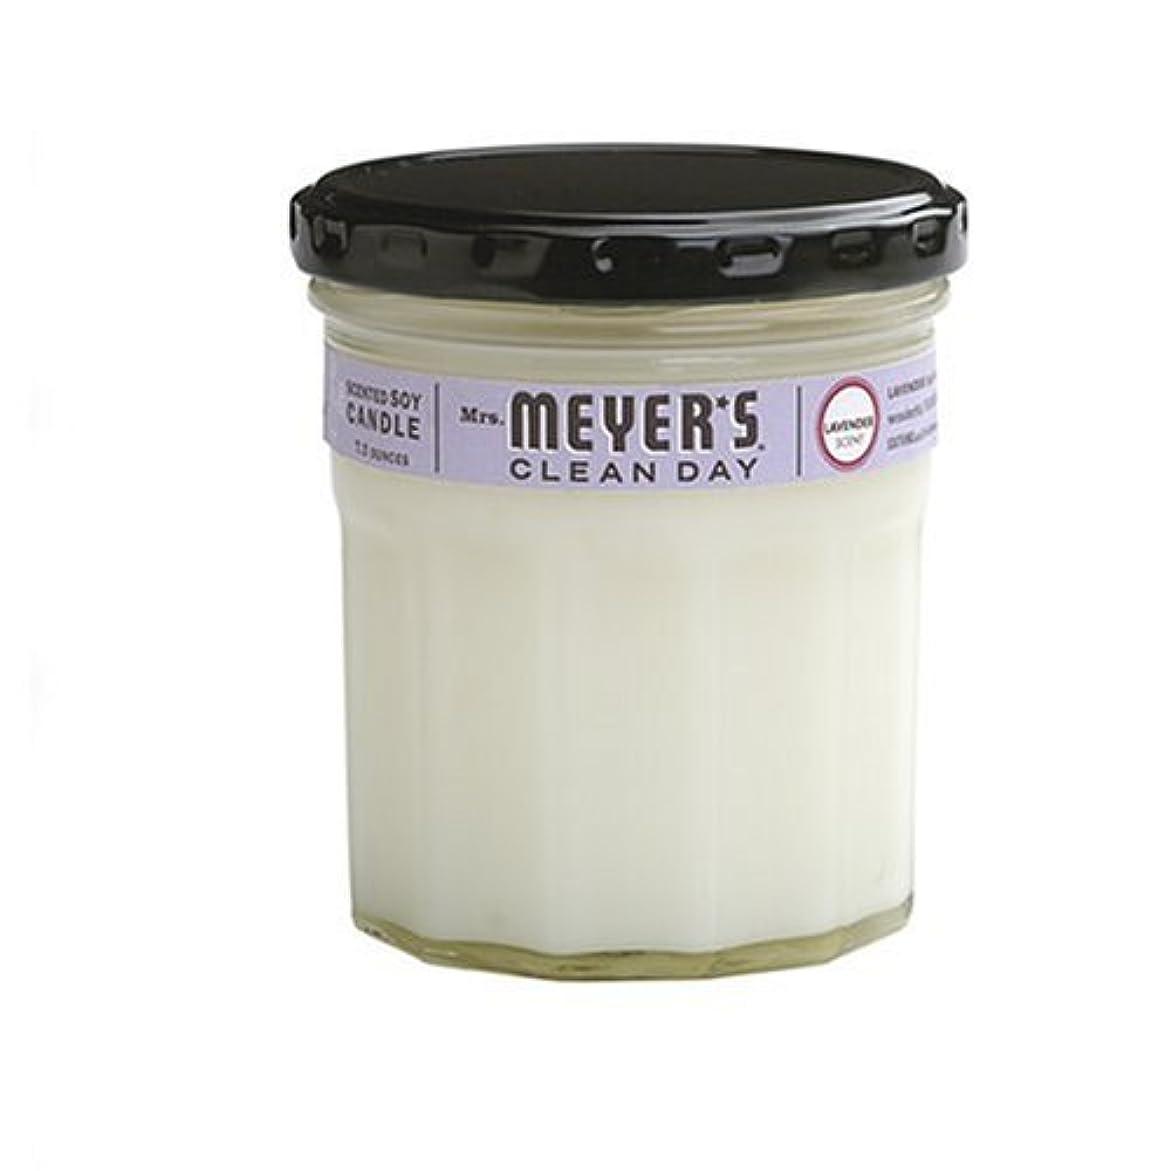 テスピアン熟達従うMrs. Meyer's Clean Day Soy Candle, Lavender, 7.2 Ounce Glass Jar [並行輸入品]